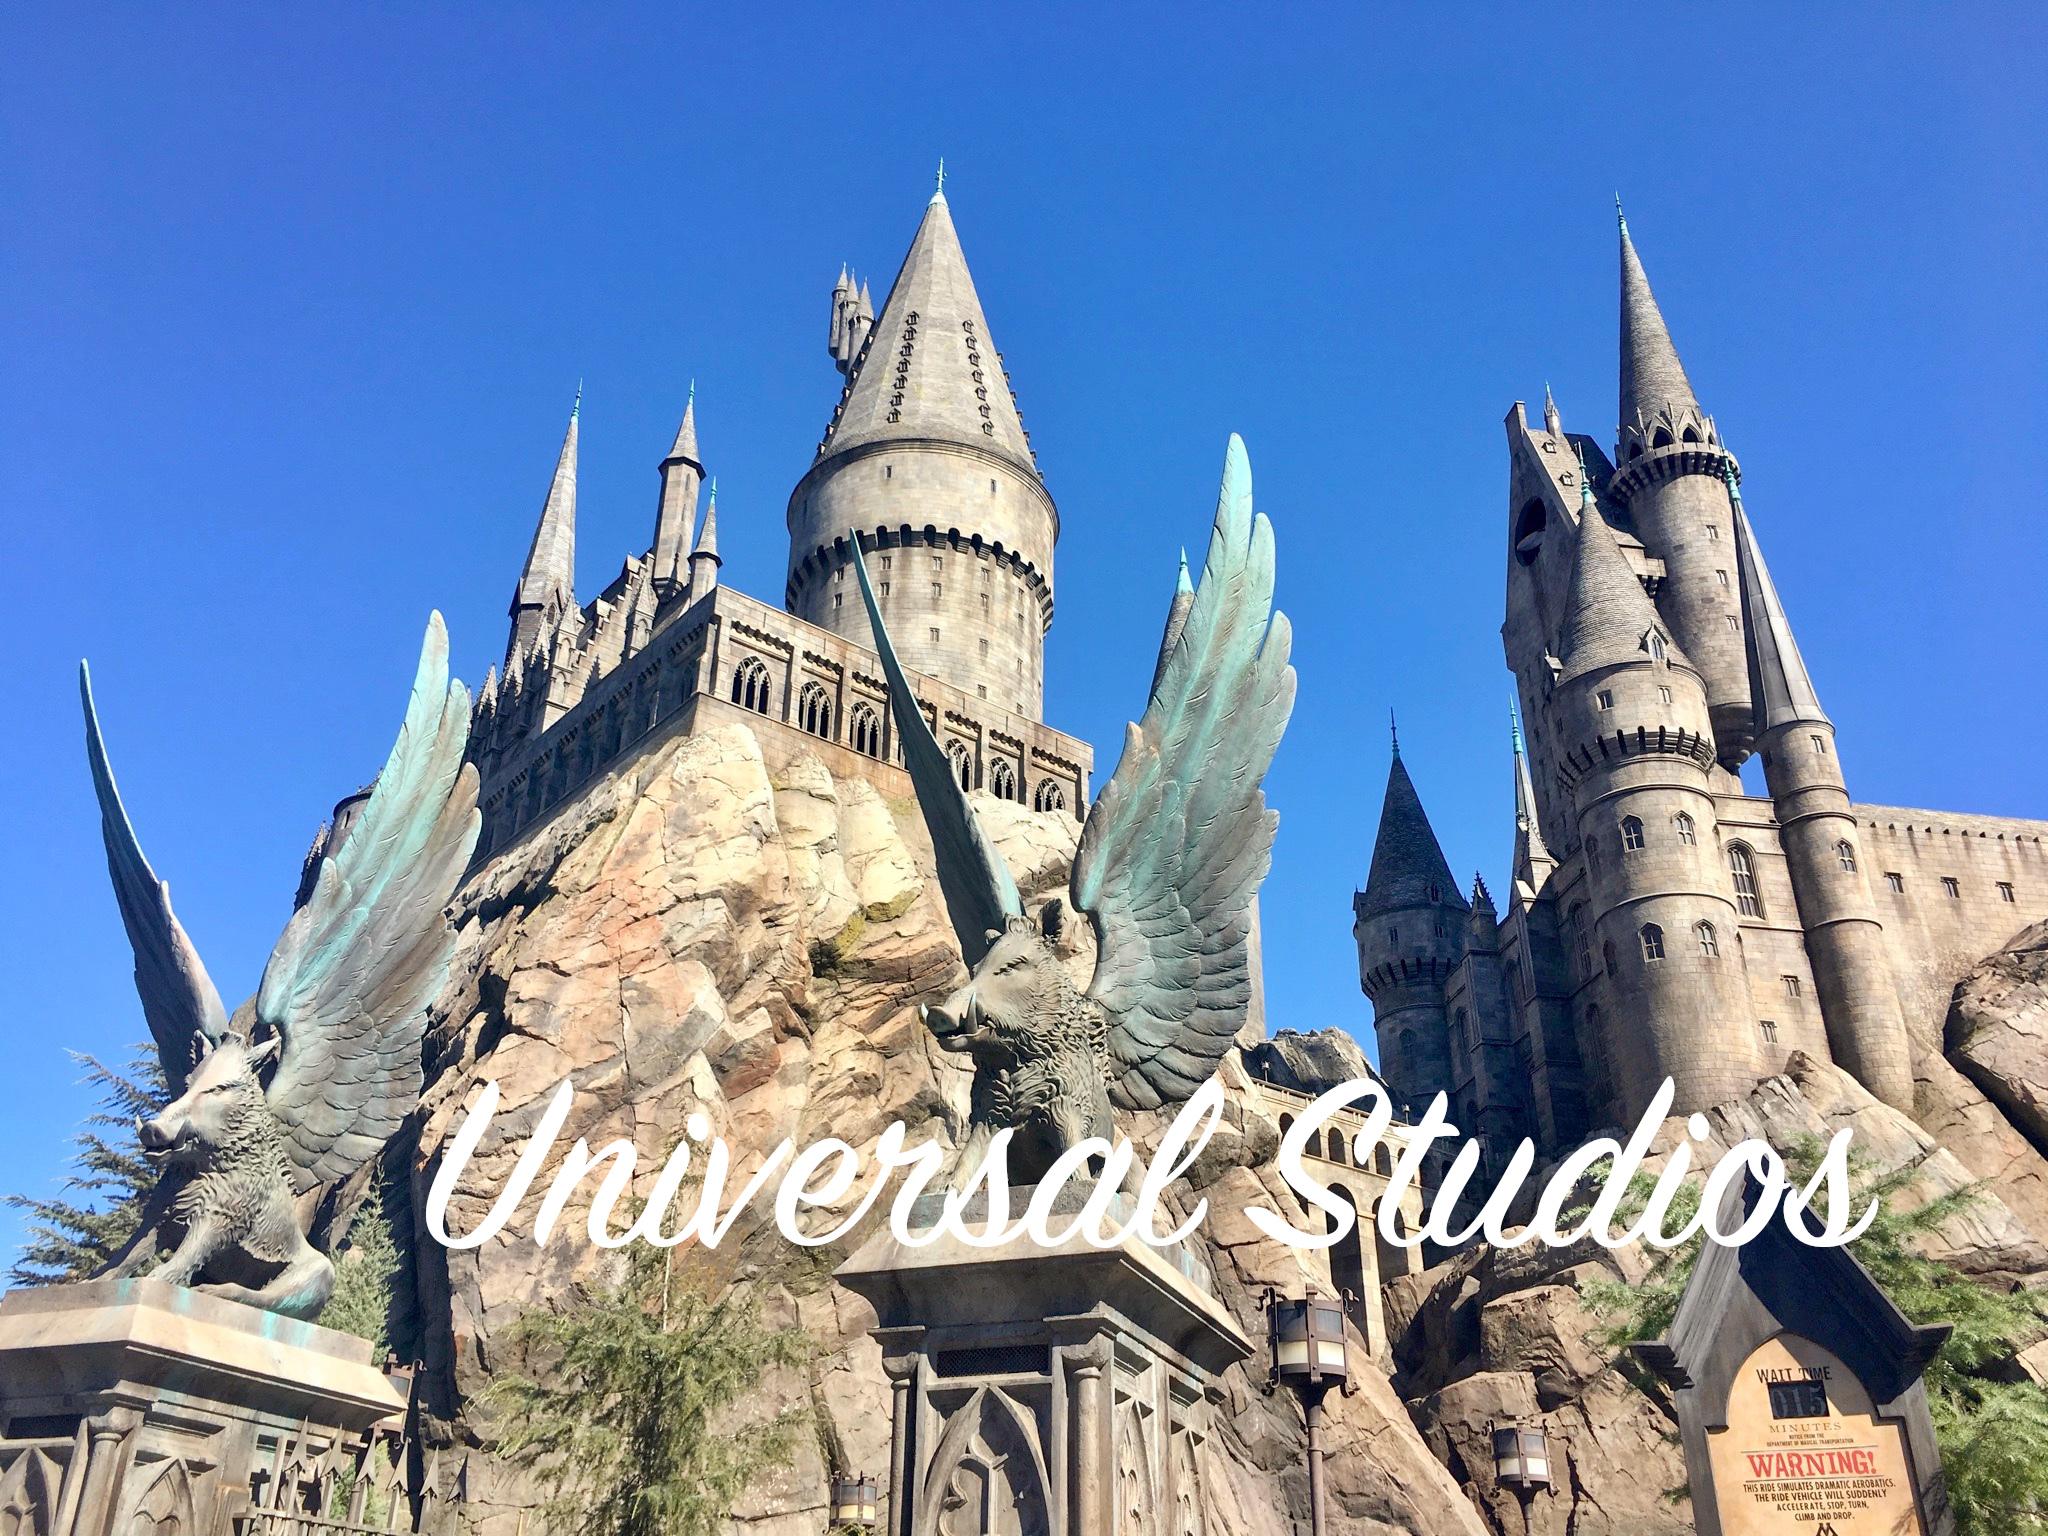 Swiat Harrego Pottera Wizyta W Universal Studios Hollywood Niesprawiedliwość jest normą, a rasizm jest nie tylko akceptowany, ale i aktywnie do niego zachęcają. universal studios hollywood